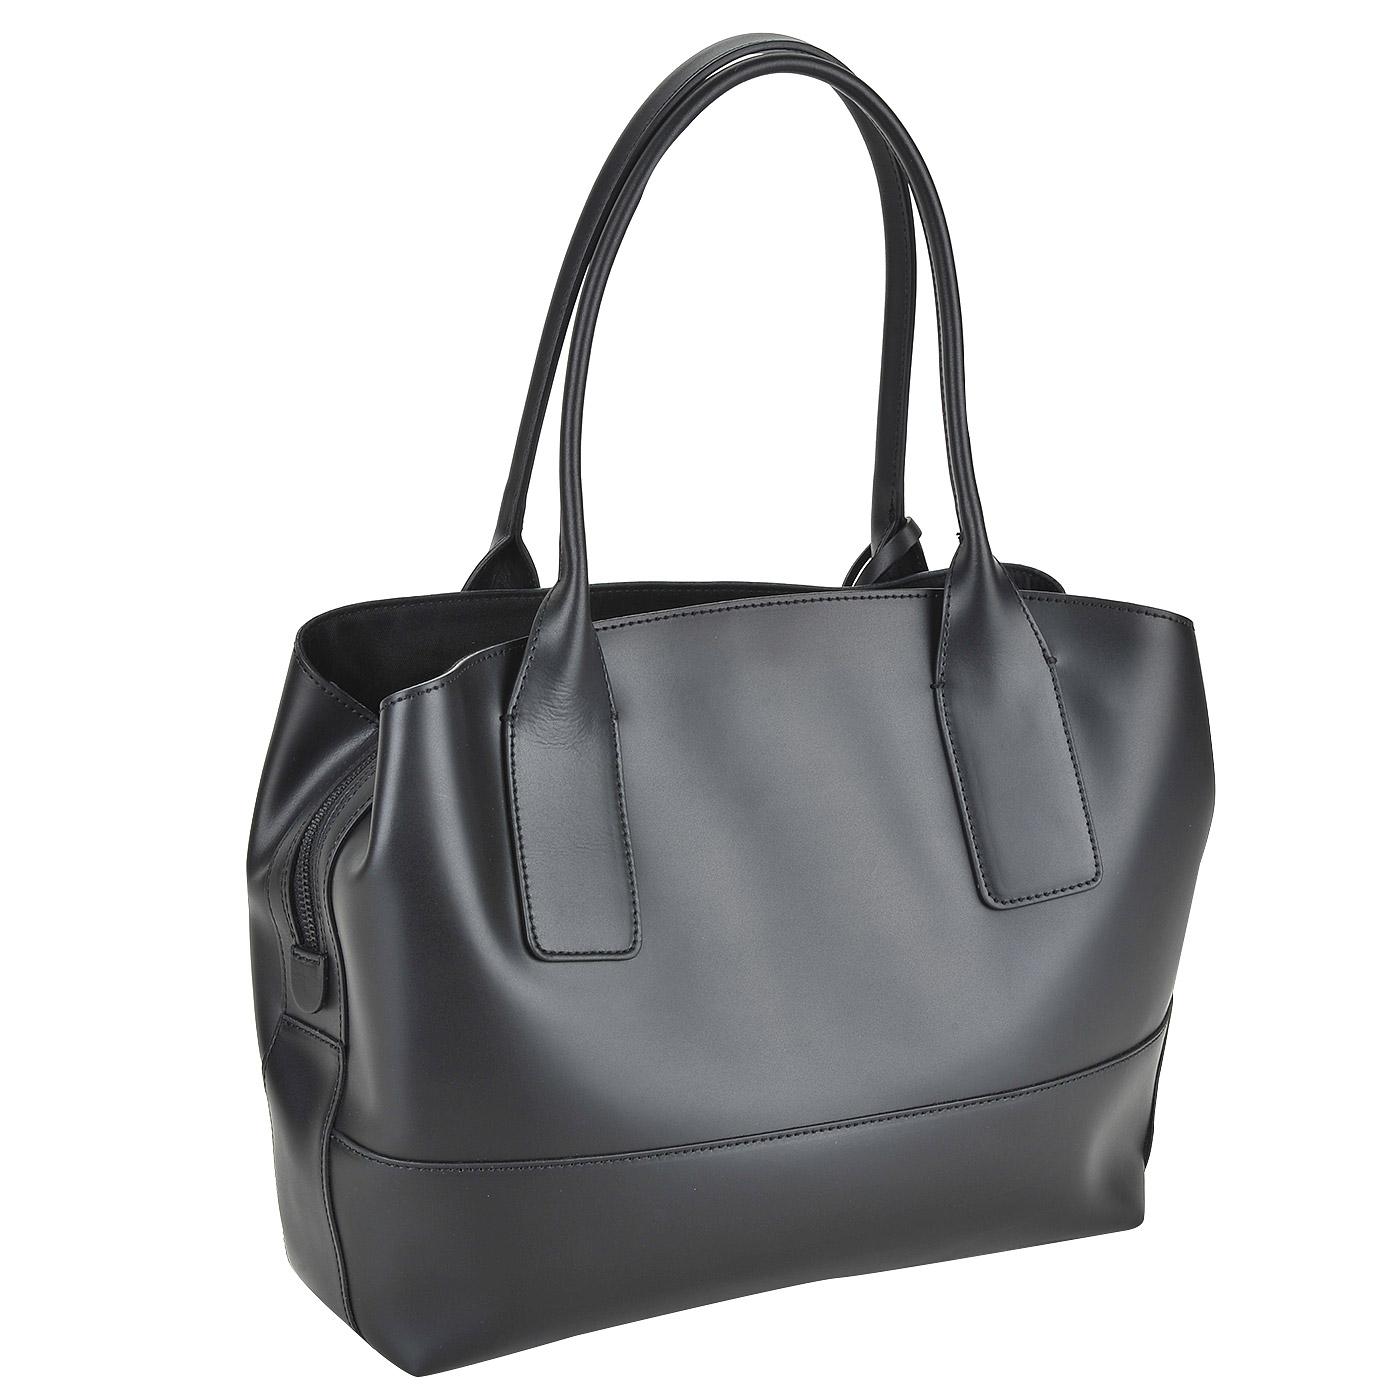 6a54a1b24569 Женская сумка из черной матовой кожи с длинными ручками Ripani Curcuma